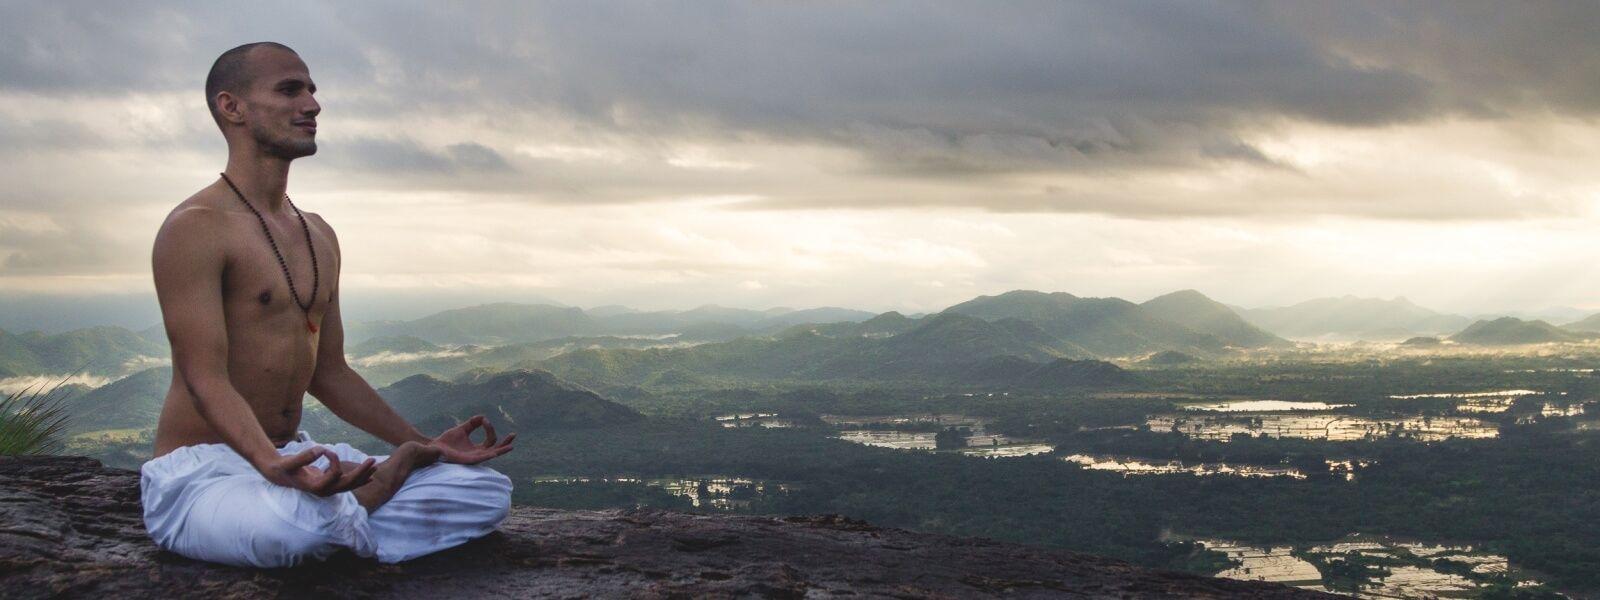 yogi tara datt from rishikesh